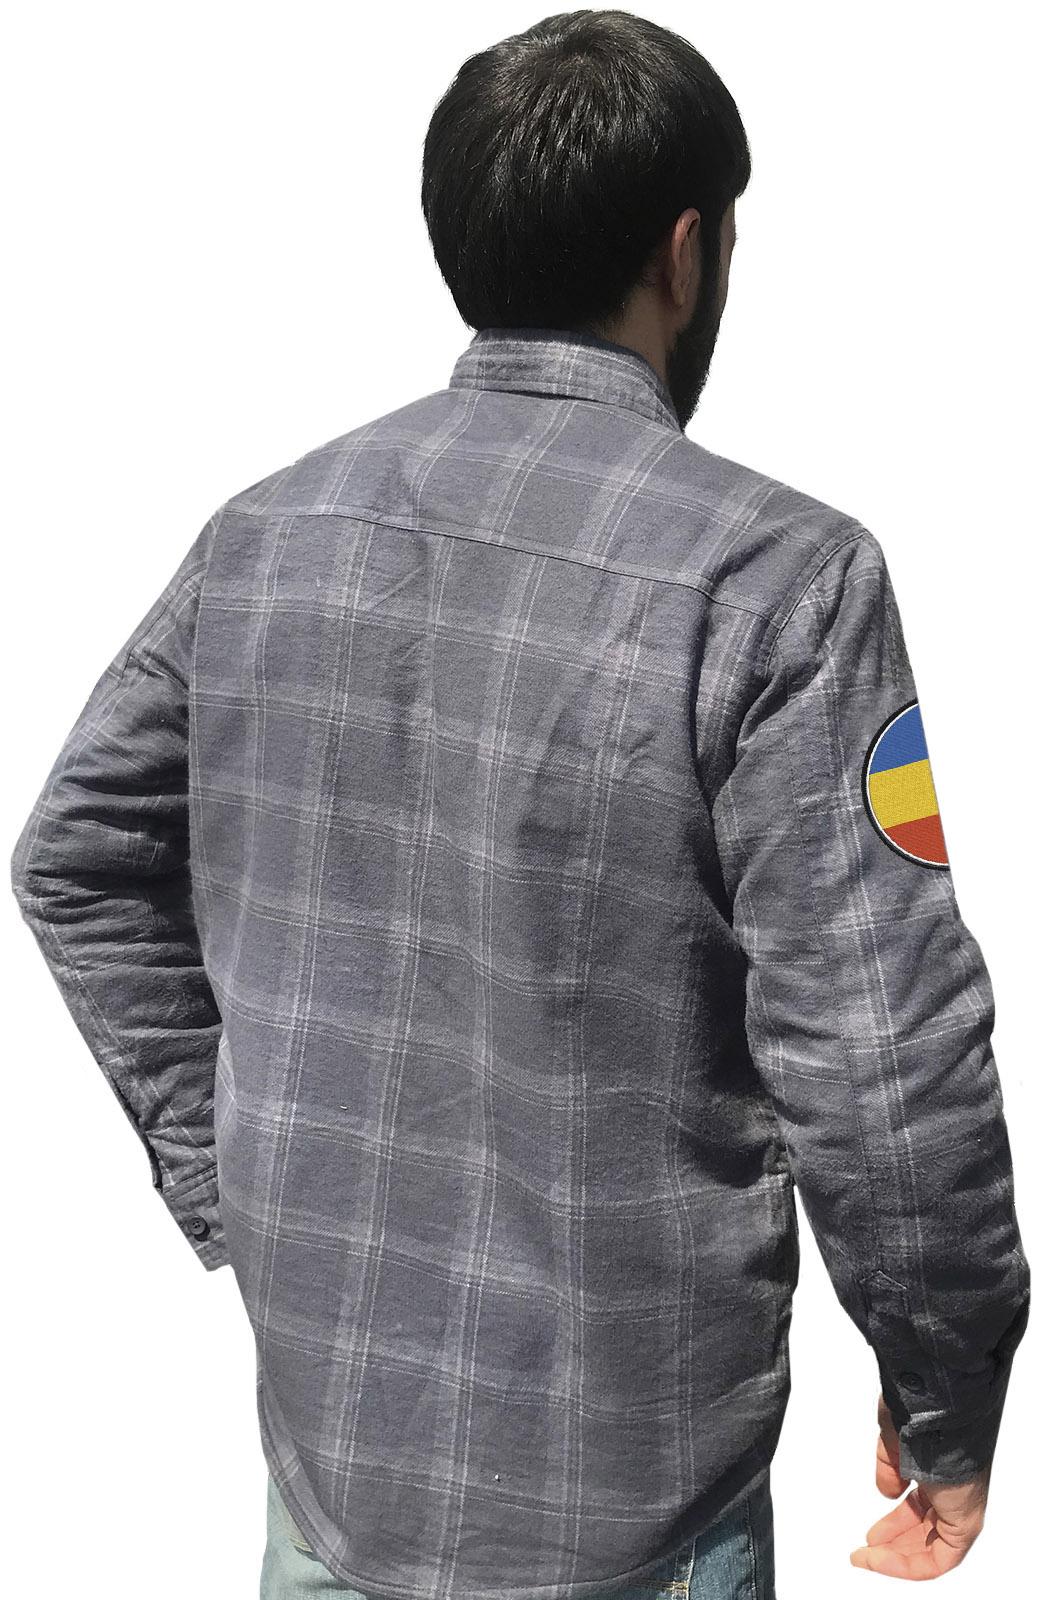 Купить крутую рубашку с вышитым шевроном Донского Войска Казачьего выгодно оптом